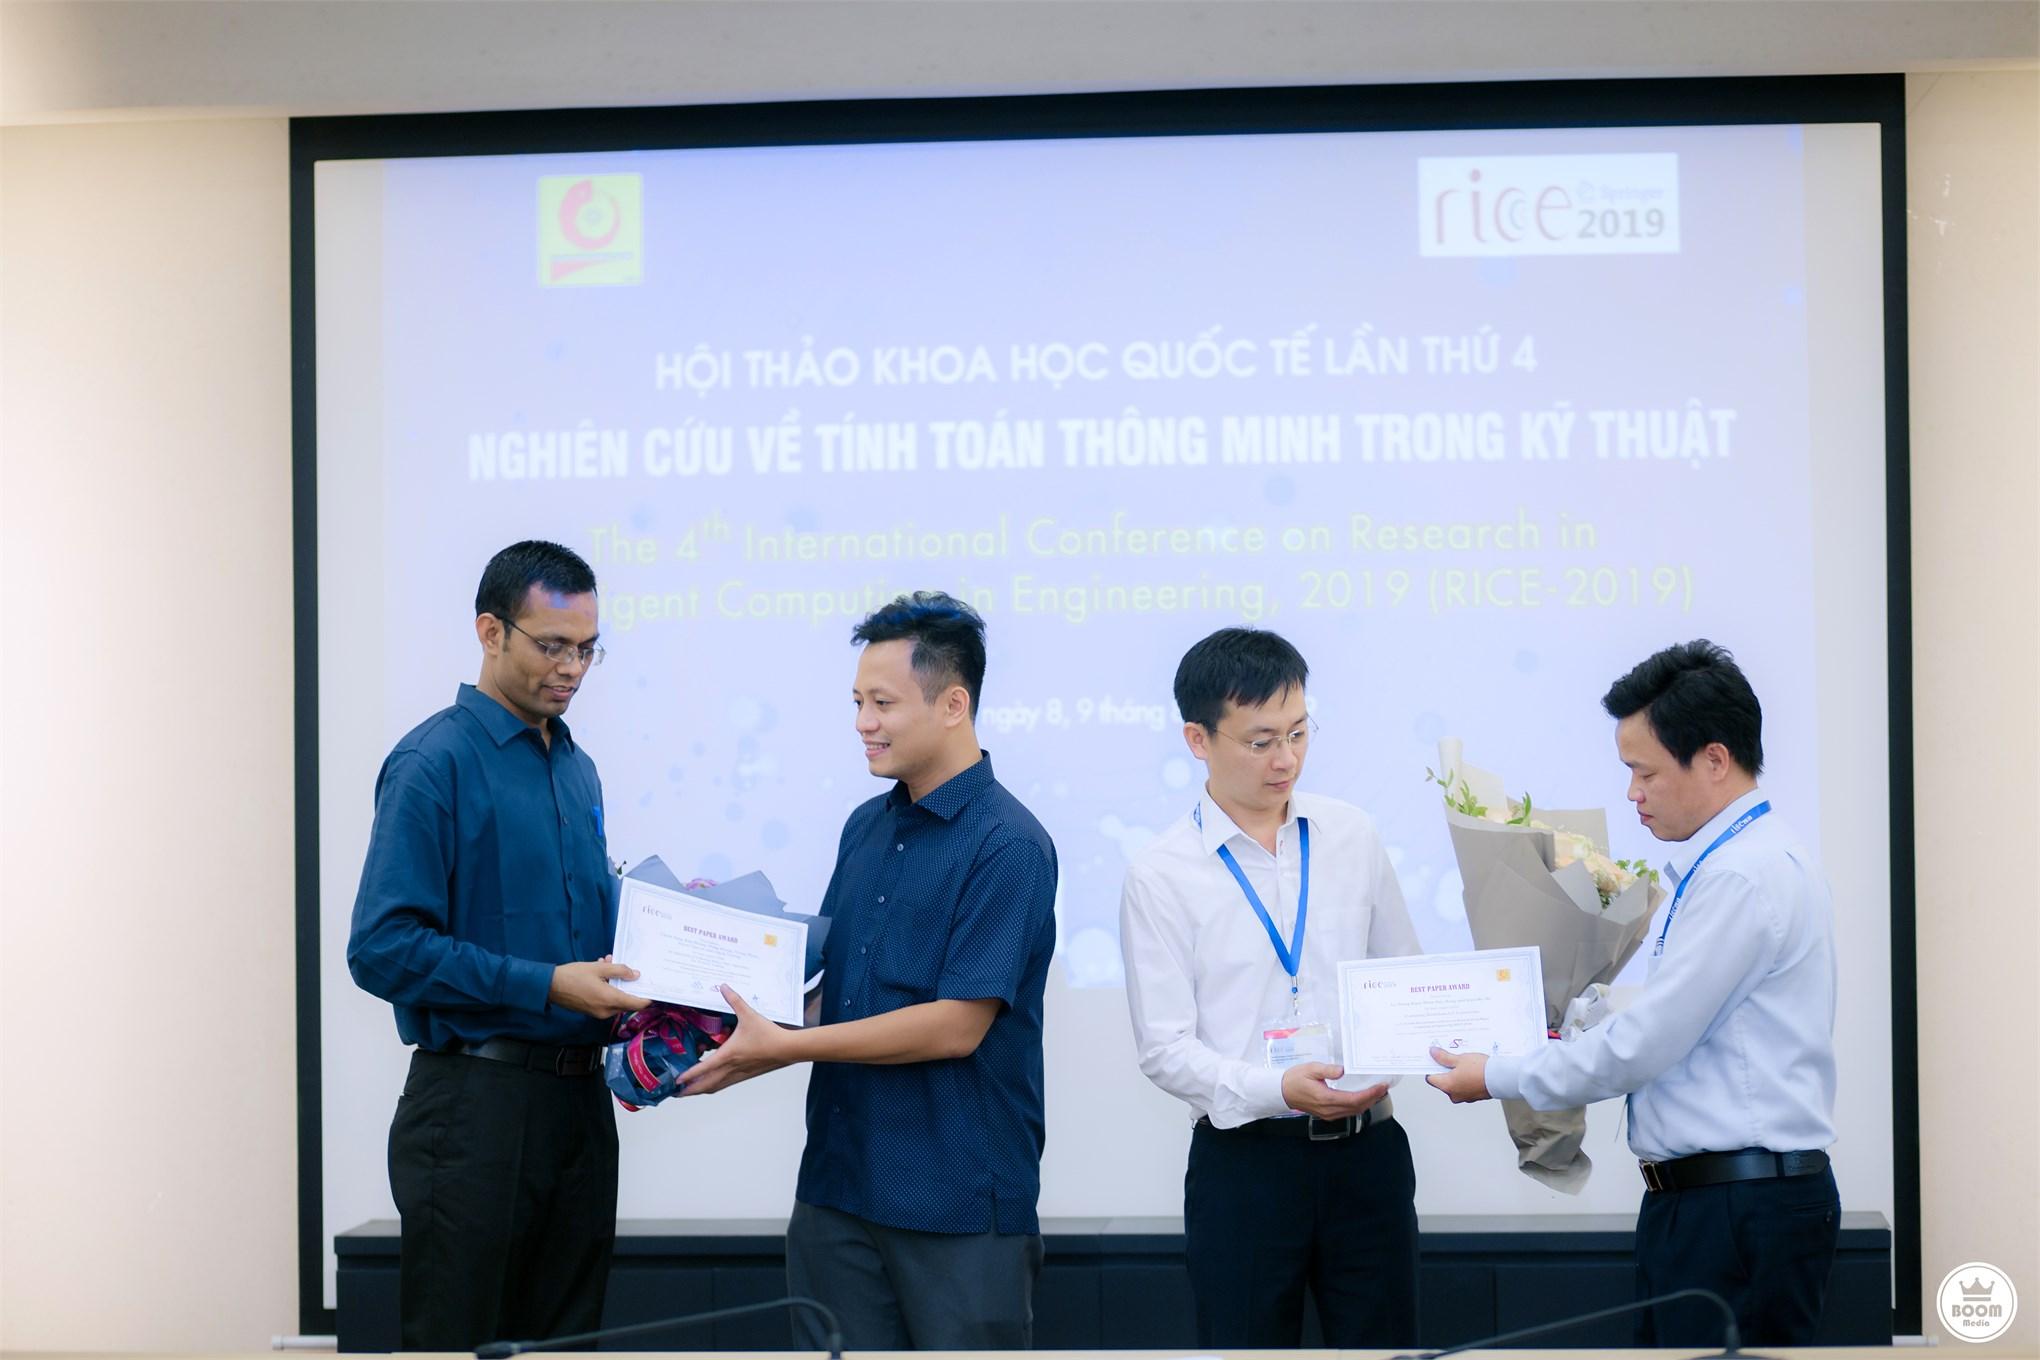 """Trường Đại học Công nghiệp Hà Nội tổ chức Hội thảo Khoa học Quốc tế lần thứ 4 """"Nghiên cứu về tính toán thông minh trong kỹ thuật"""""""